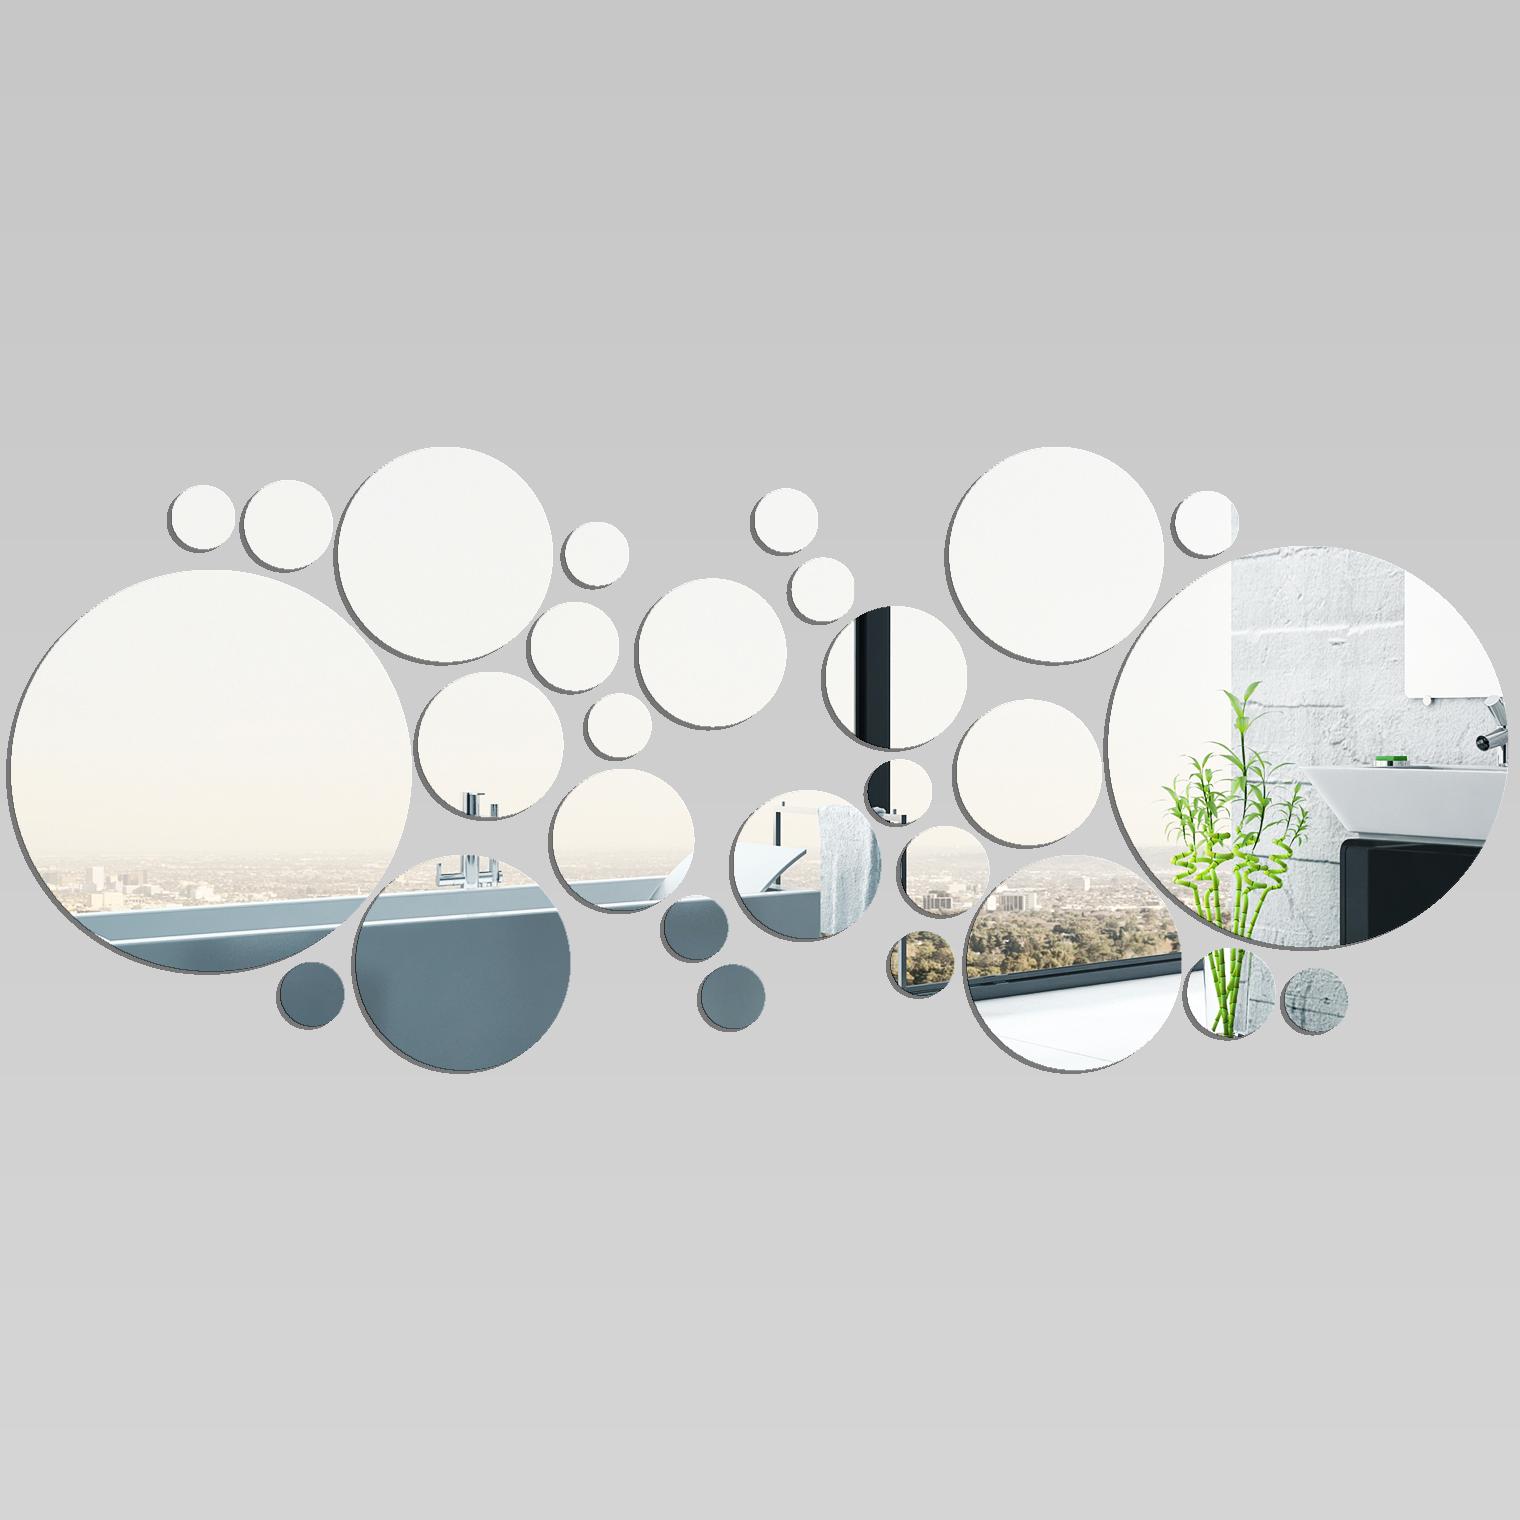 Vinilos folies espejos decorativo acr lico pl xiglas for Espejos de pared redondos